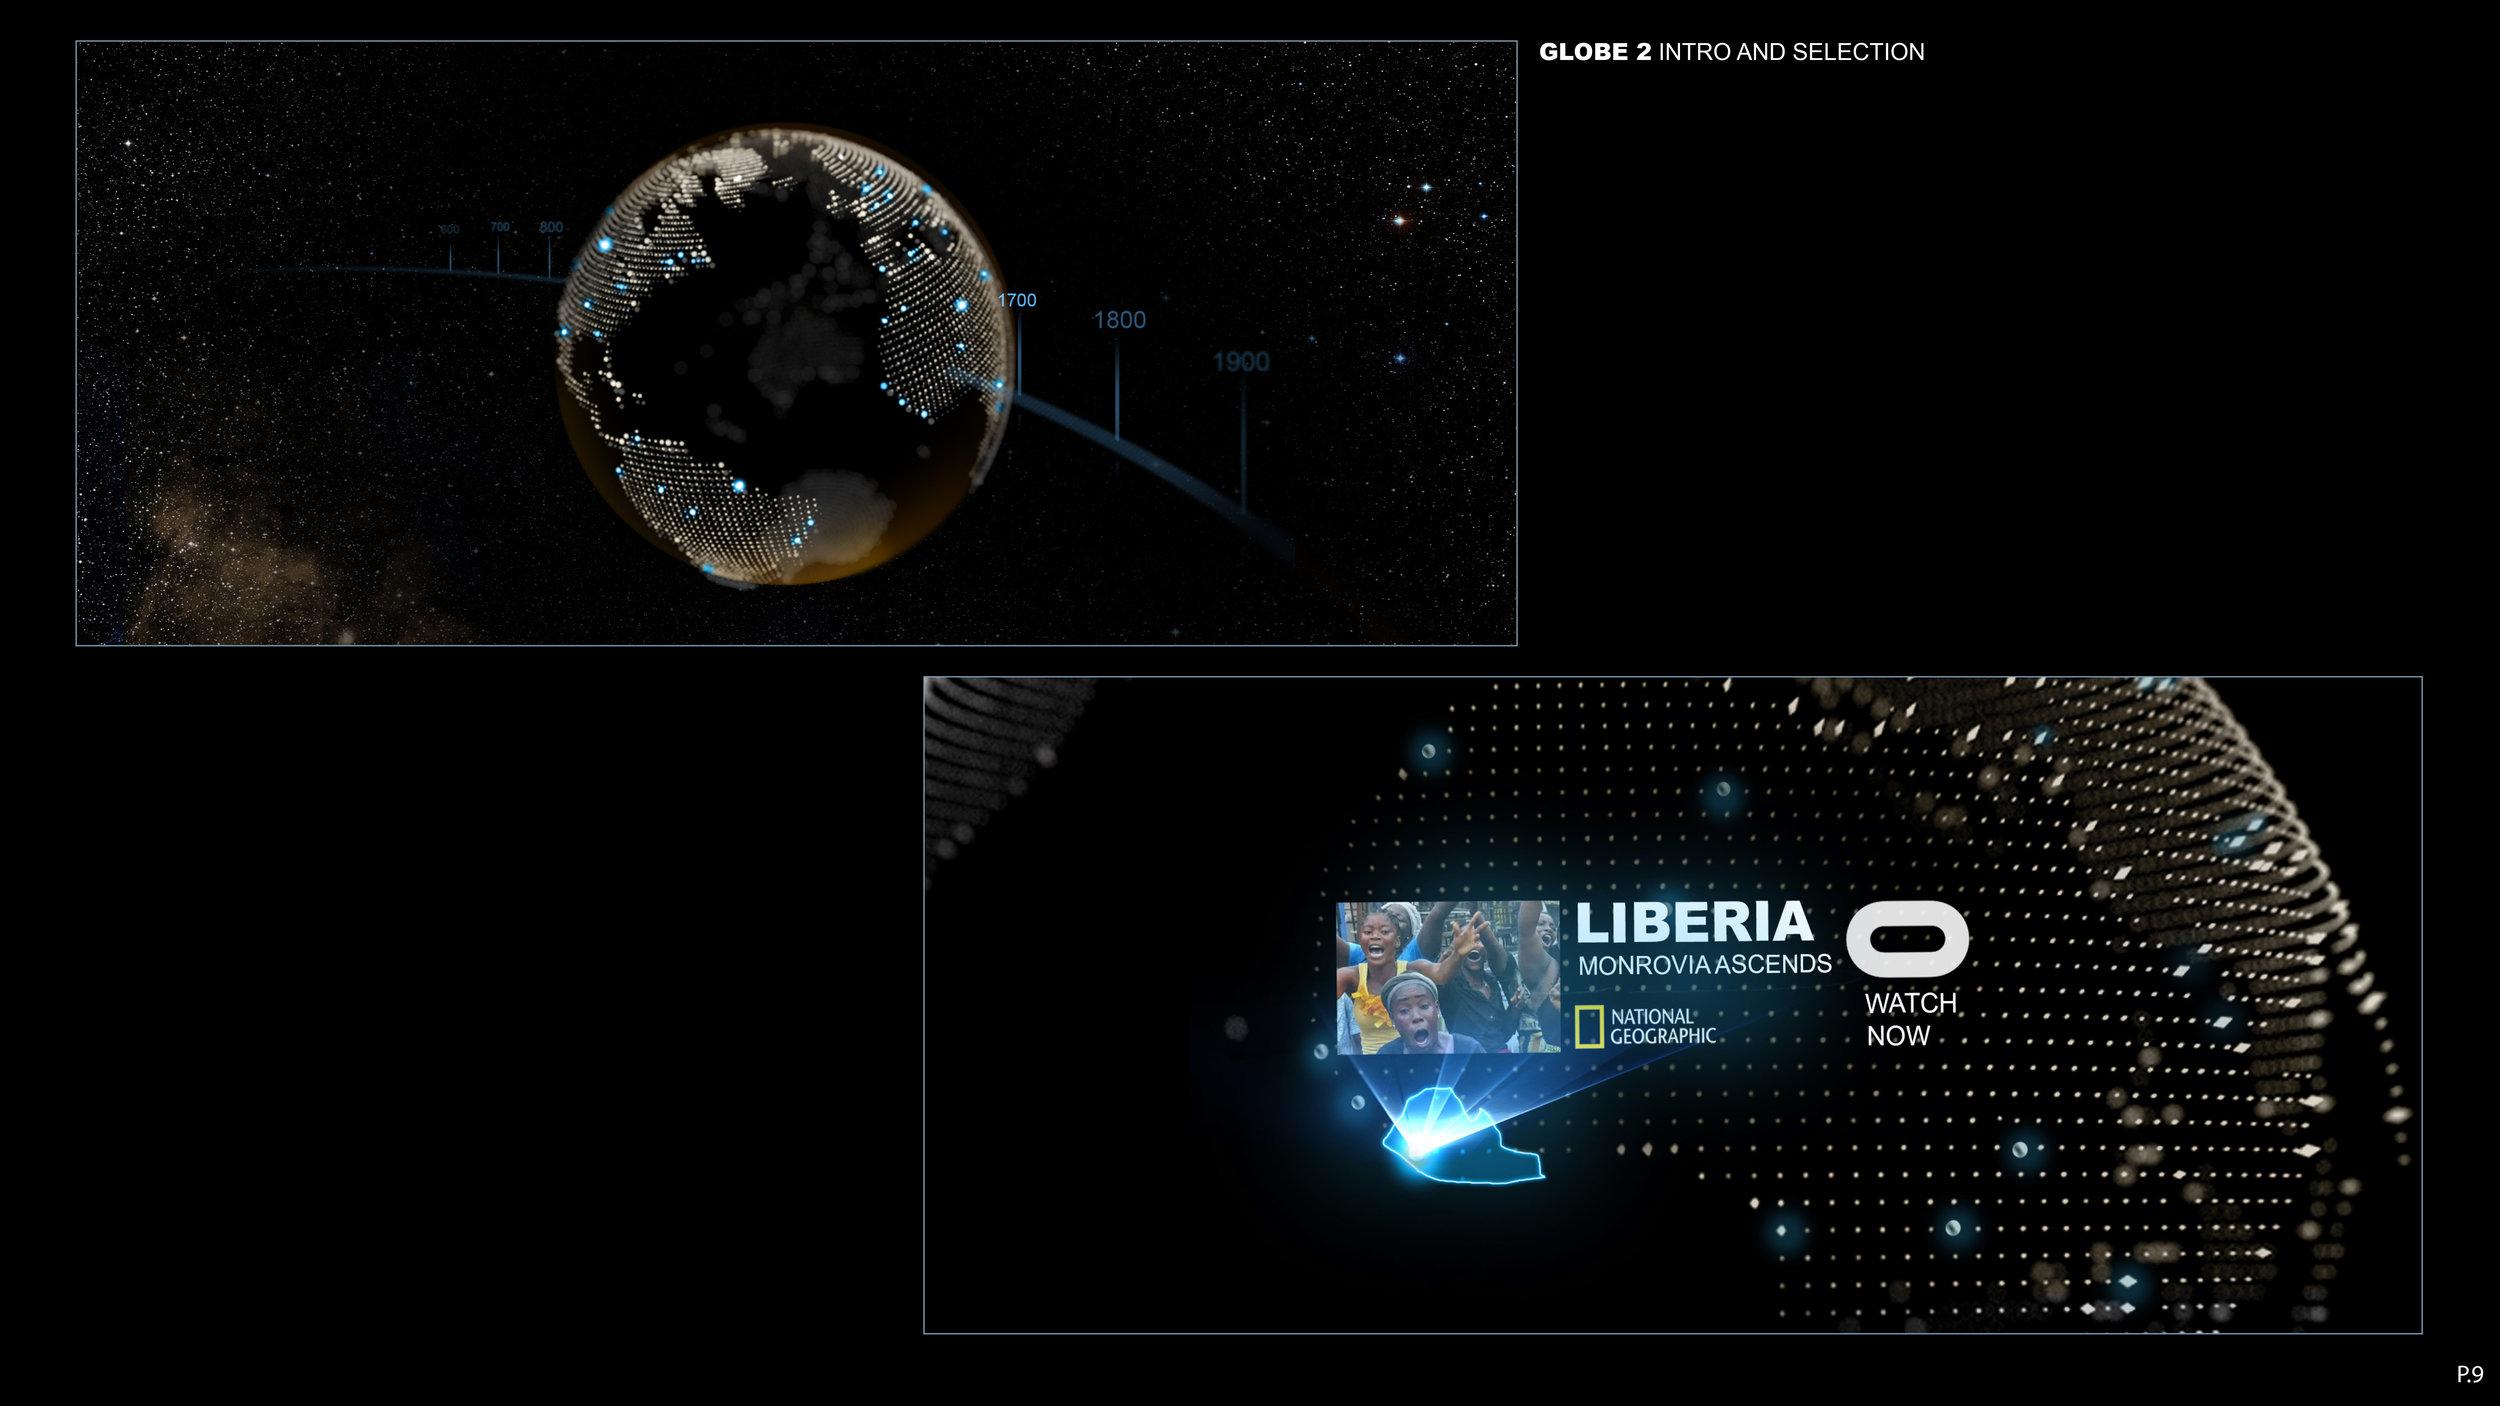 RFX_Oculus_GlobeVR_Concepts_v1_20160629-9.jpg